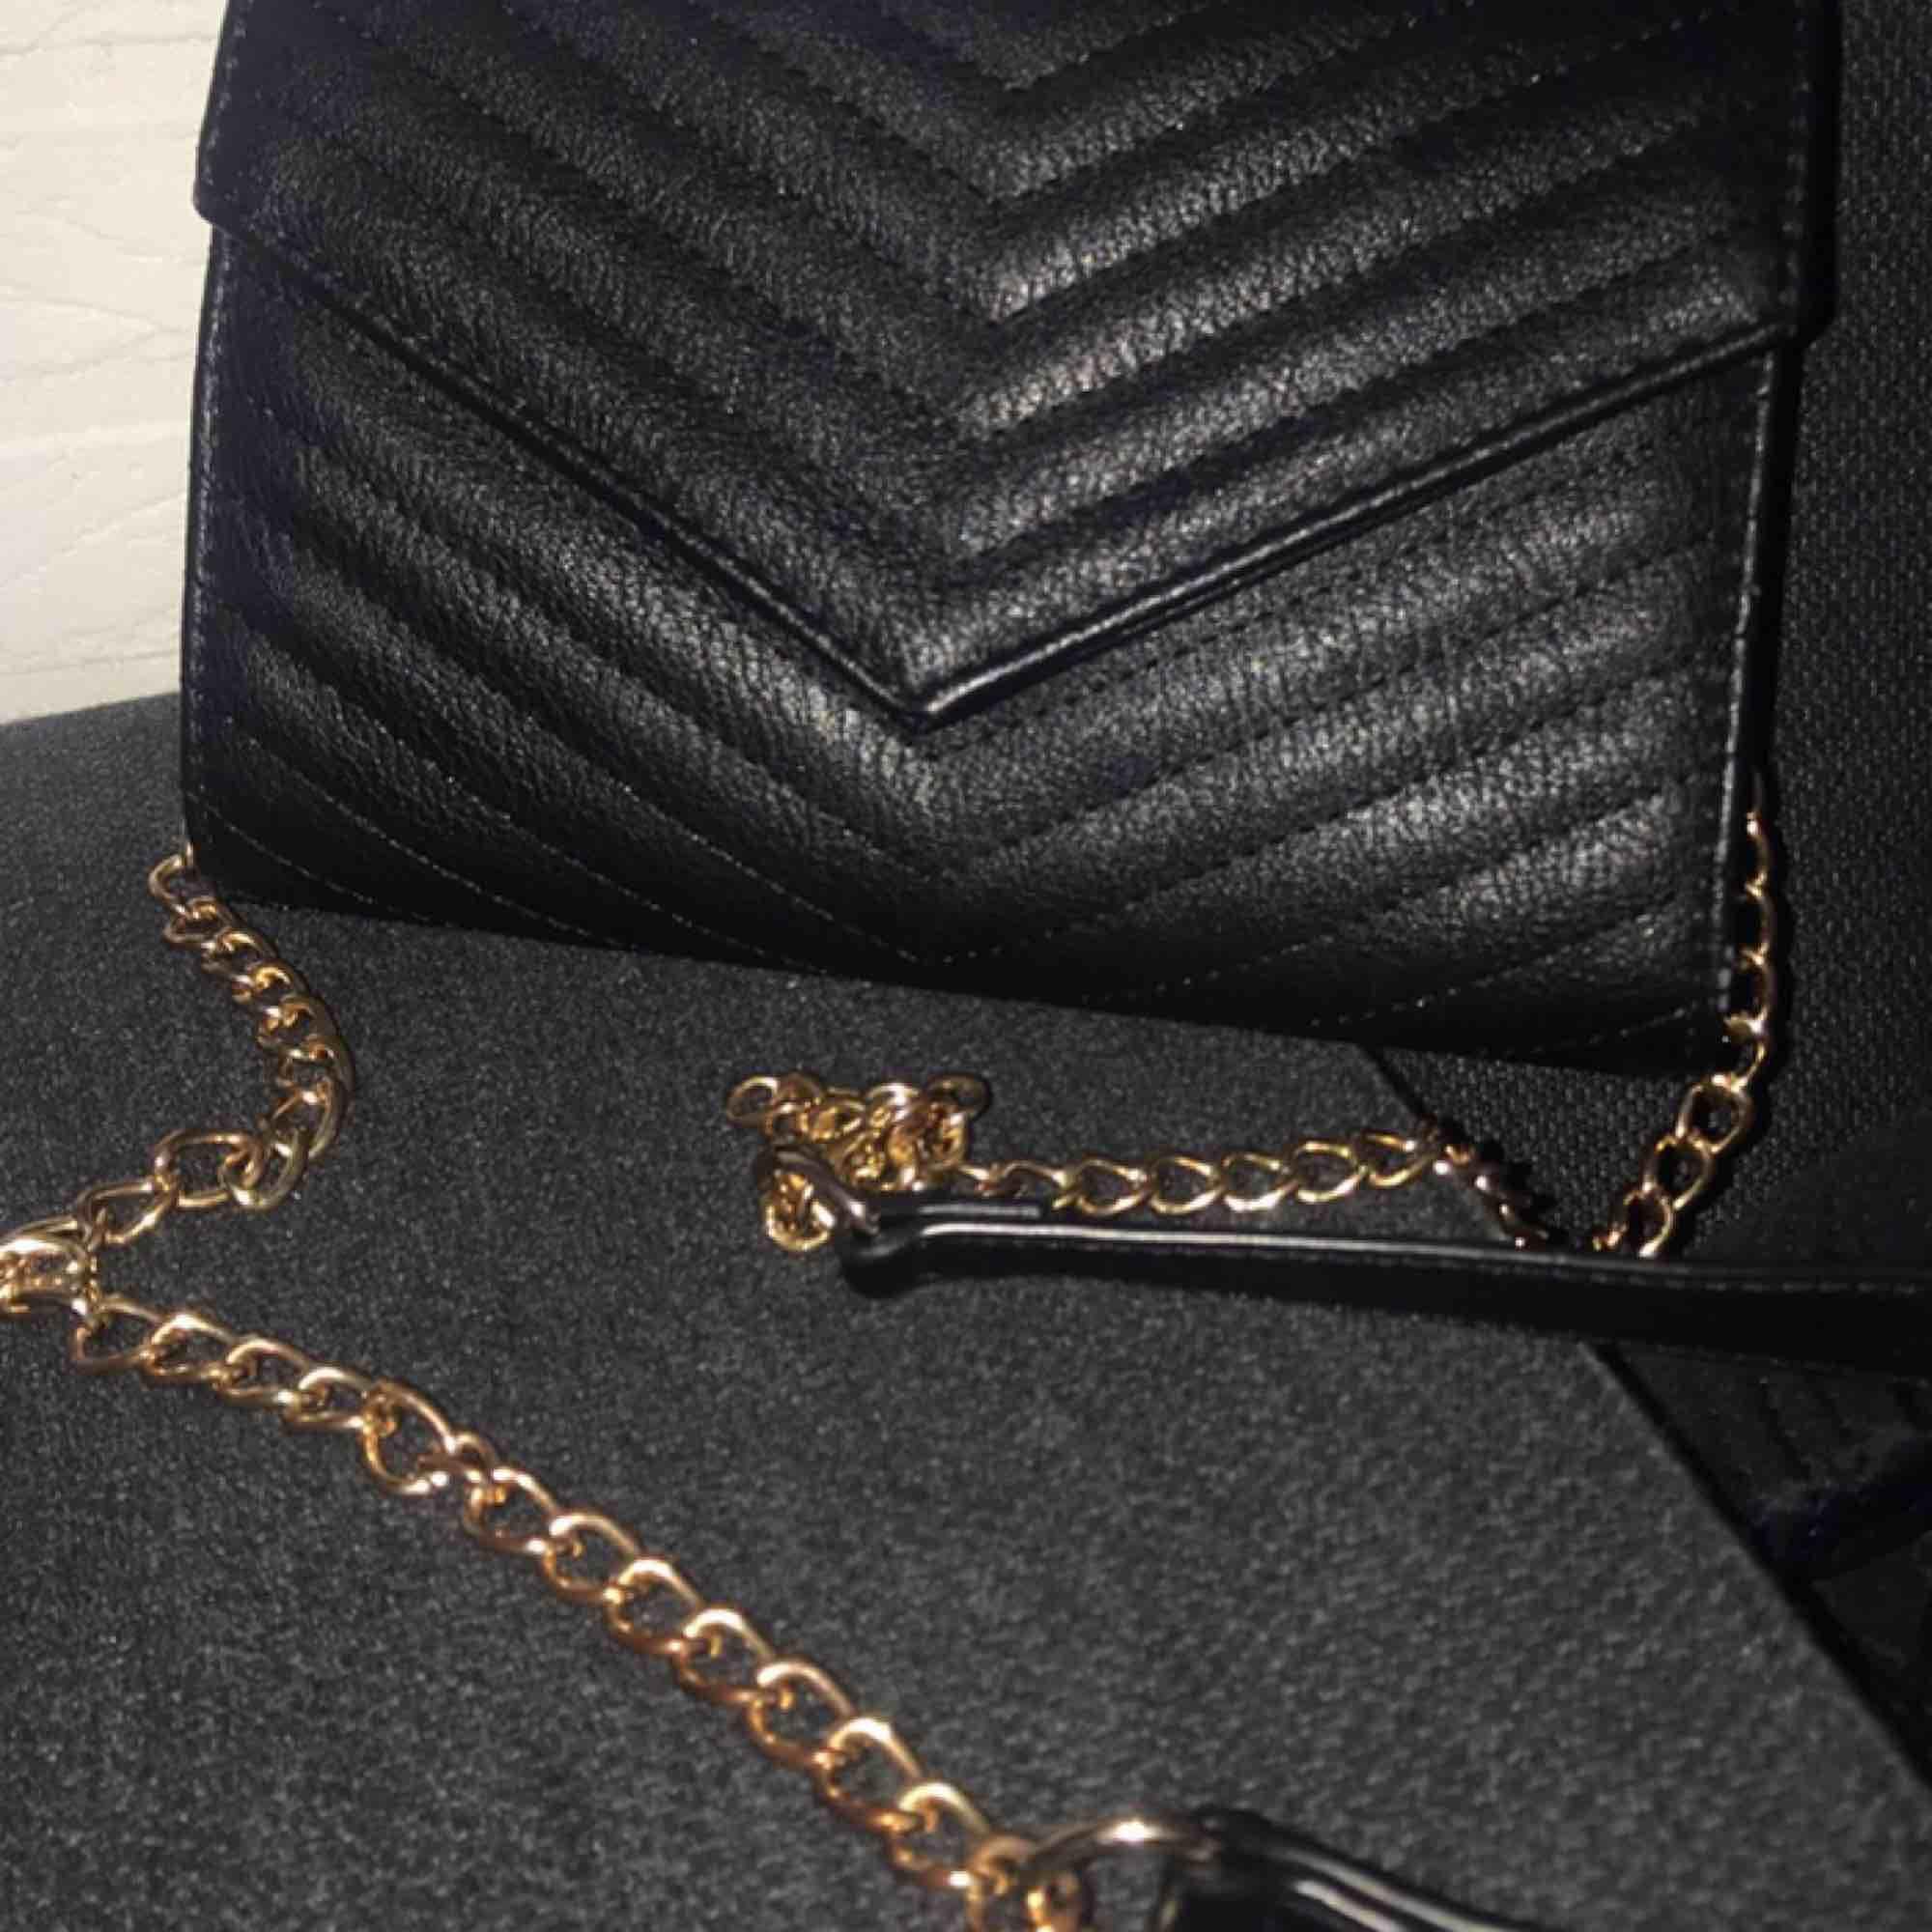 En snygg läder väska. Accessoarer.